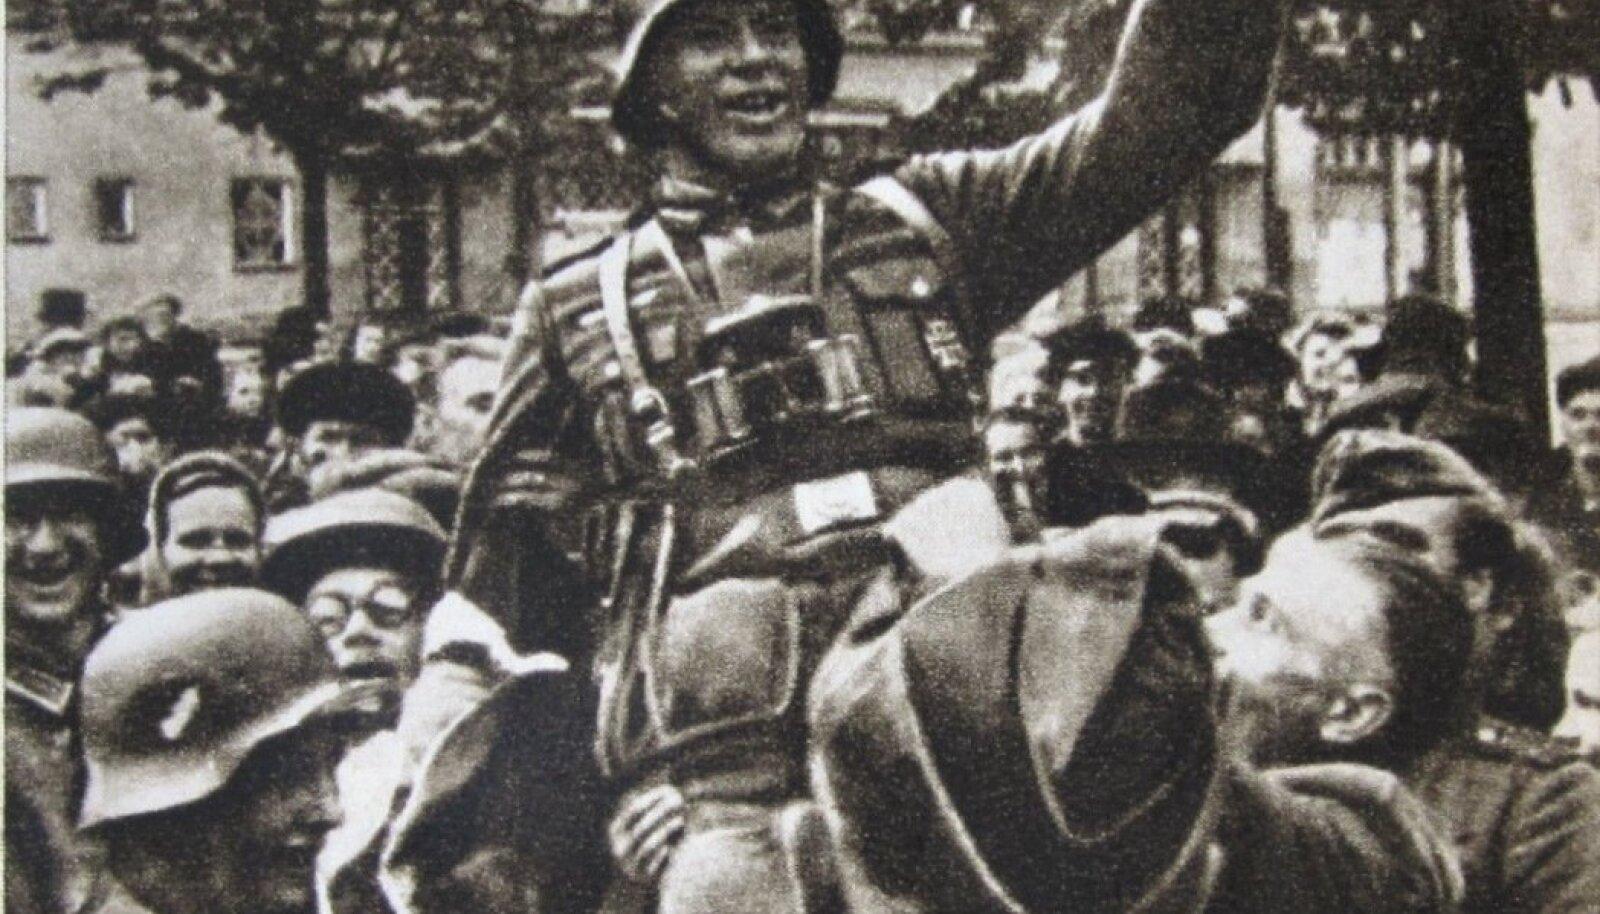 ELAGU! Tallinlased on tõstnud Saksa sõduri kukile.